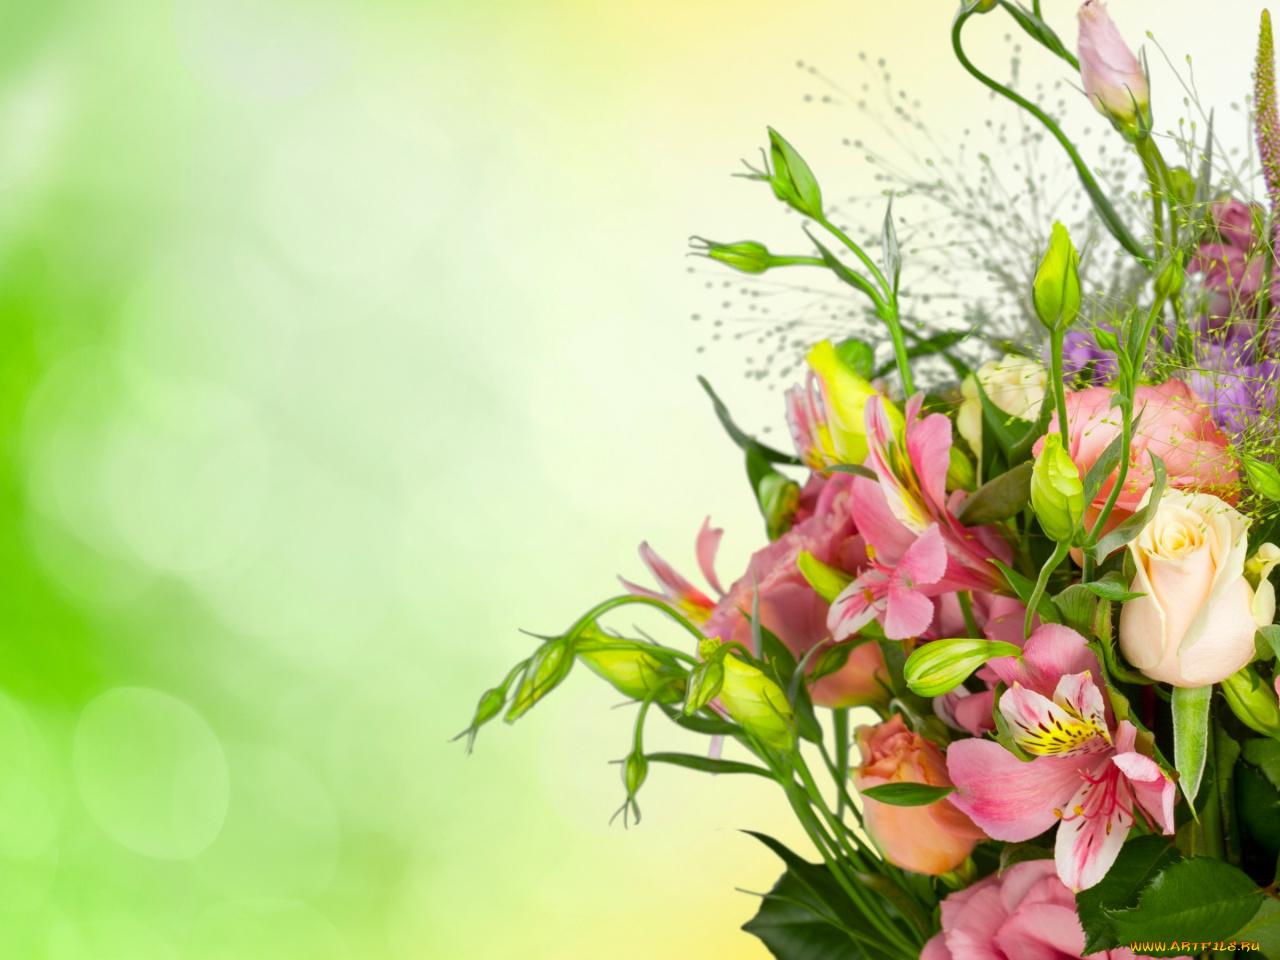 Фон для поздравления цветы, телефон 240 320